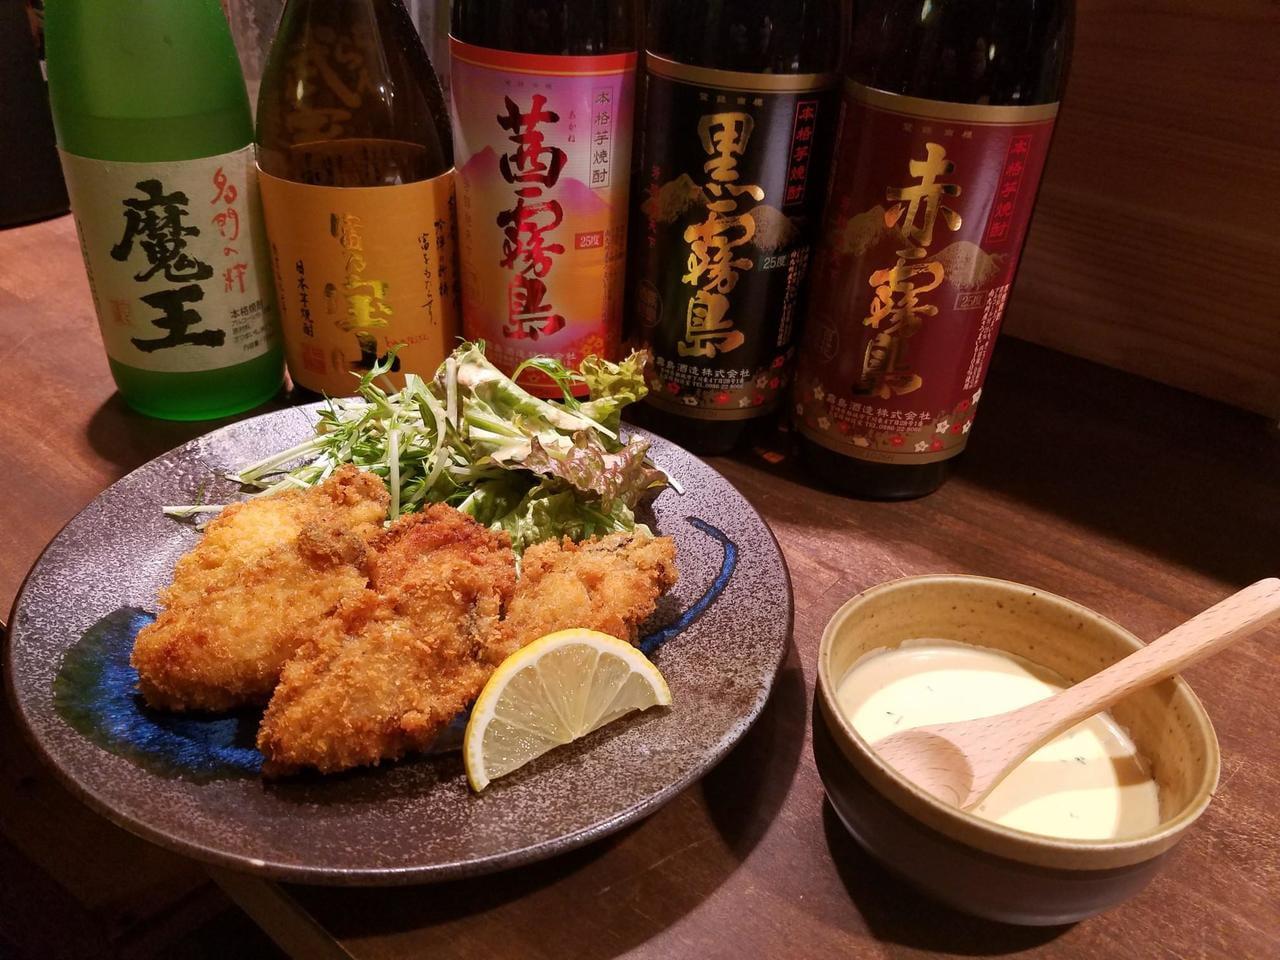 【兵庫人気店】たらふく食べたい!心揺さぶる絶品牡蠣料理